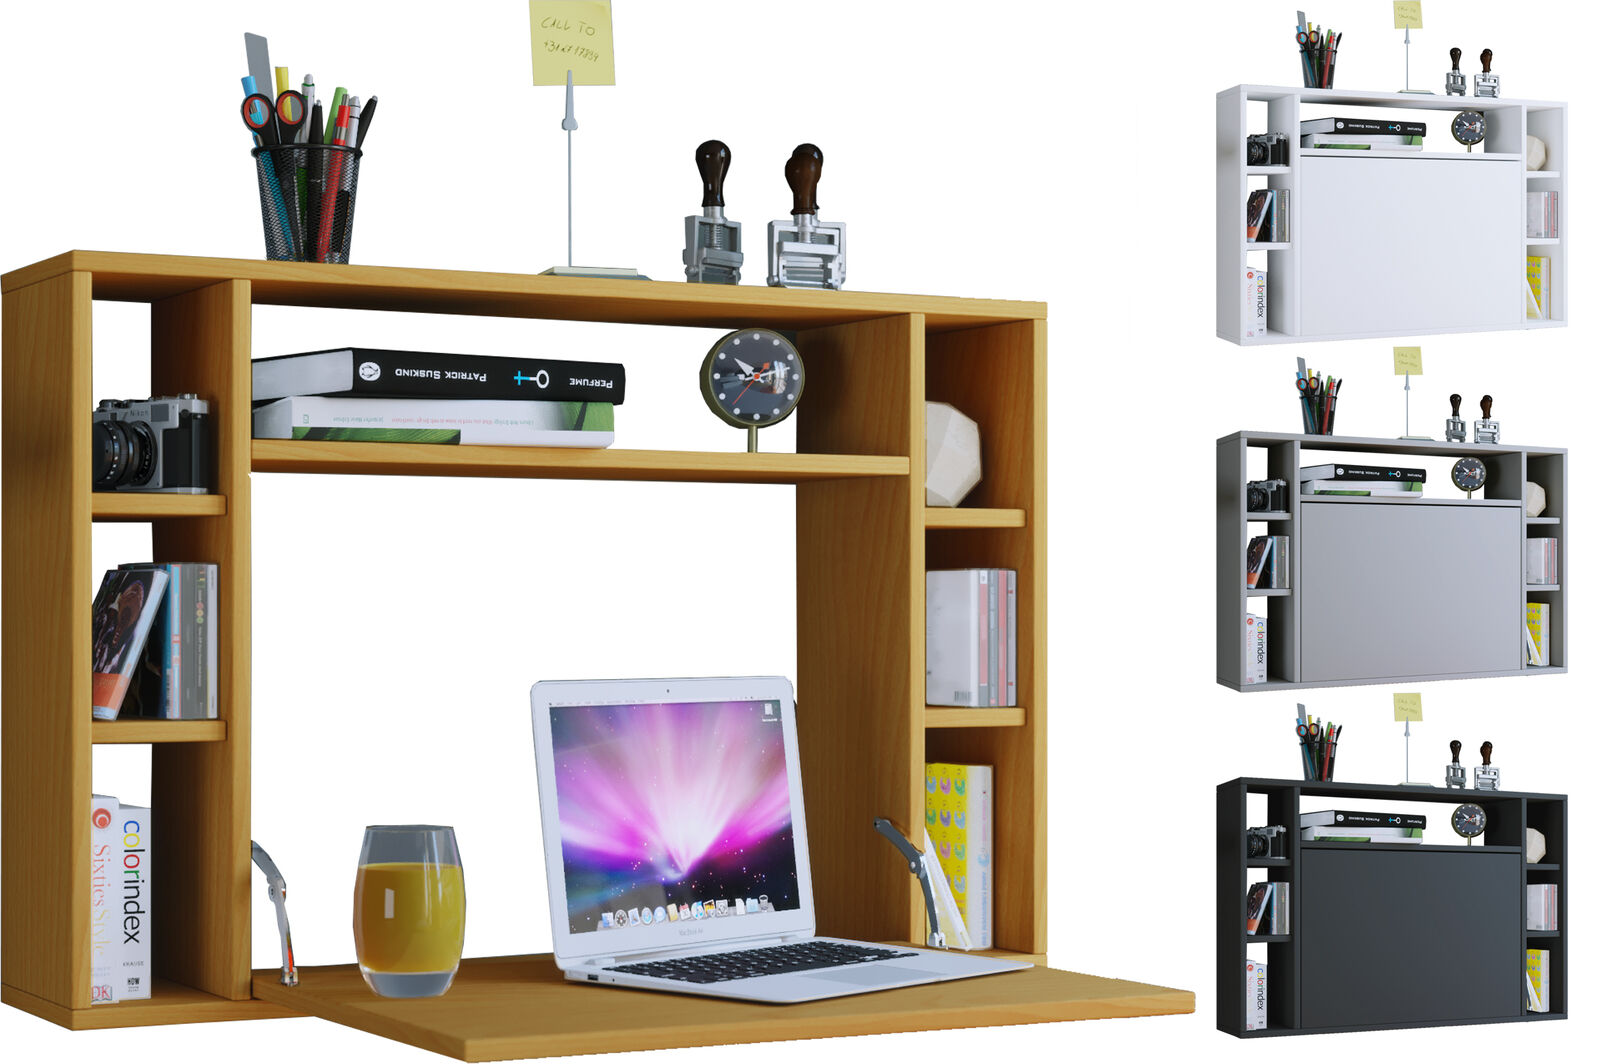 VCM Wandschreibtisch Wandtisch Schreibtisch Wandregal Bürotisch Wandila